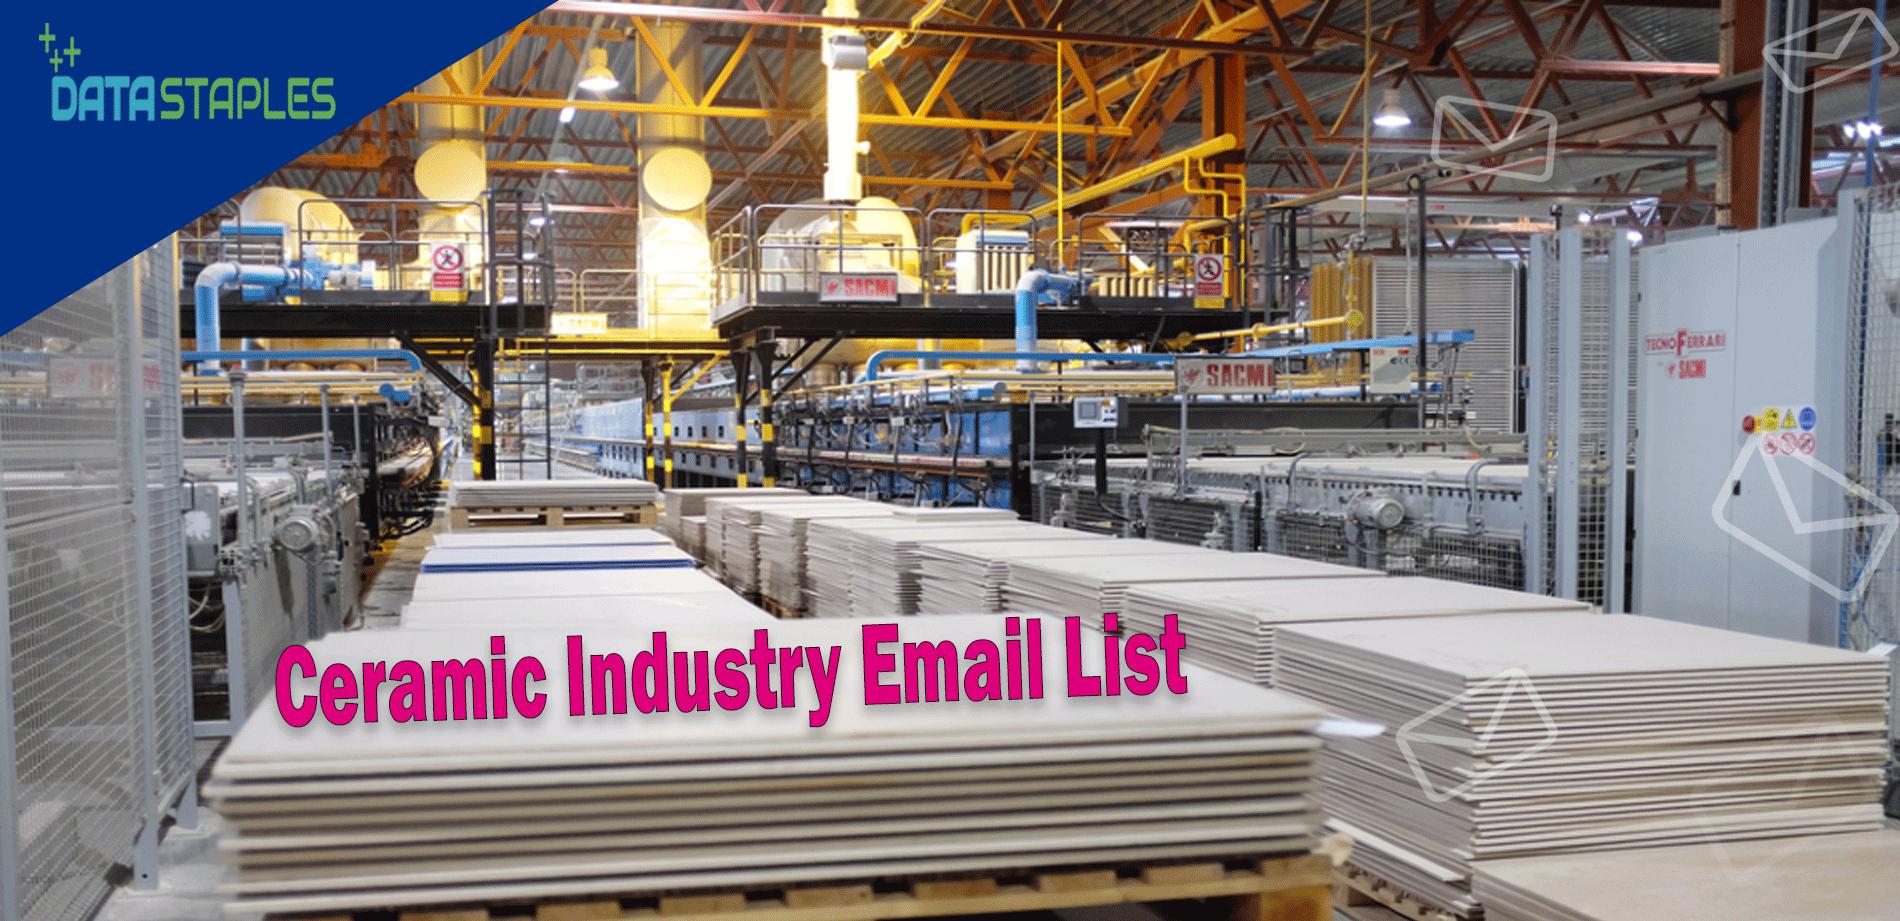 Ceramic Industry Email List | DataStaples